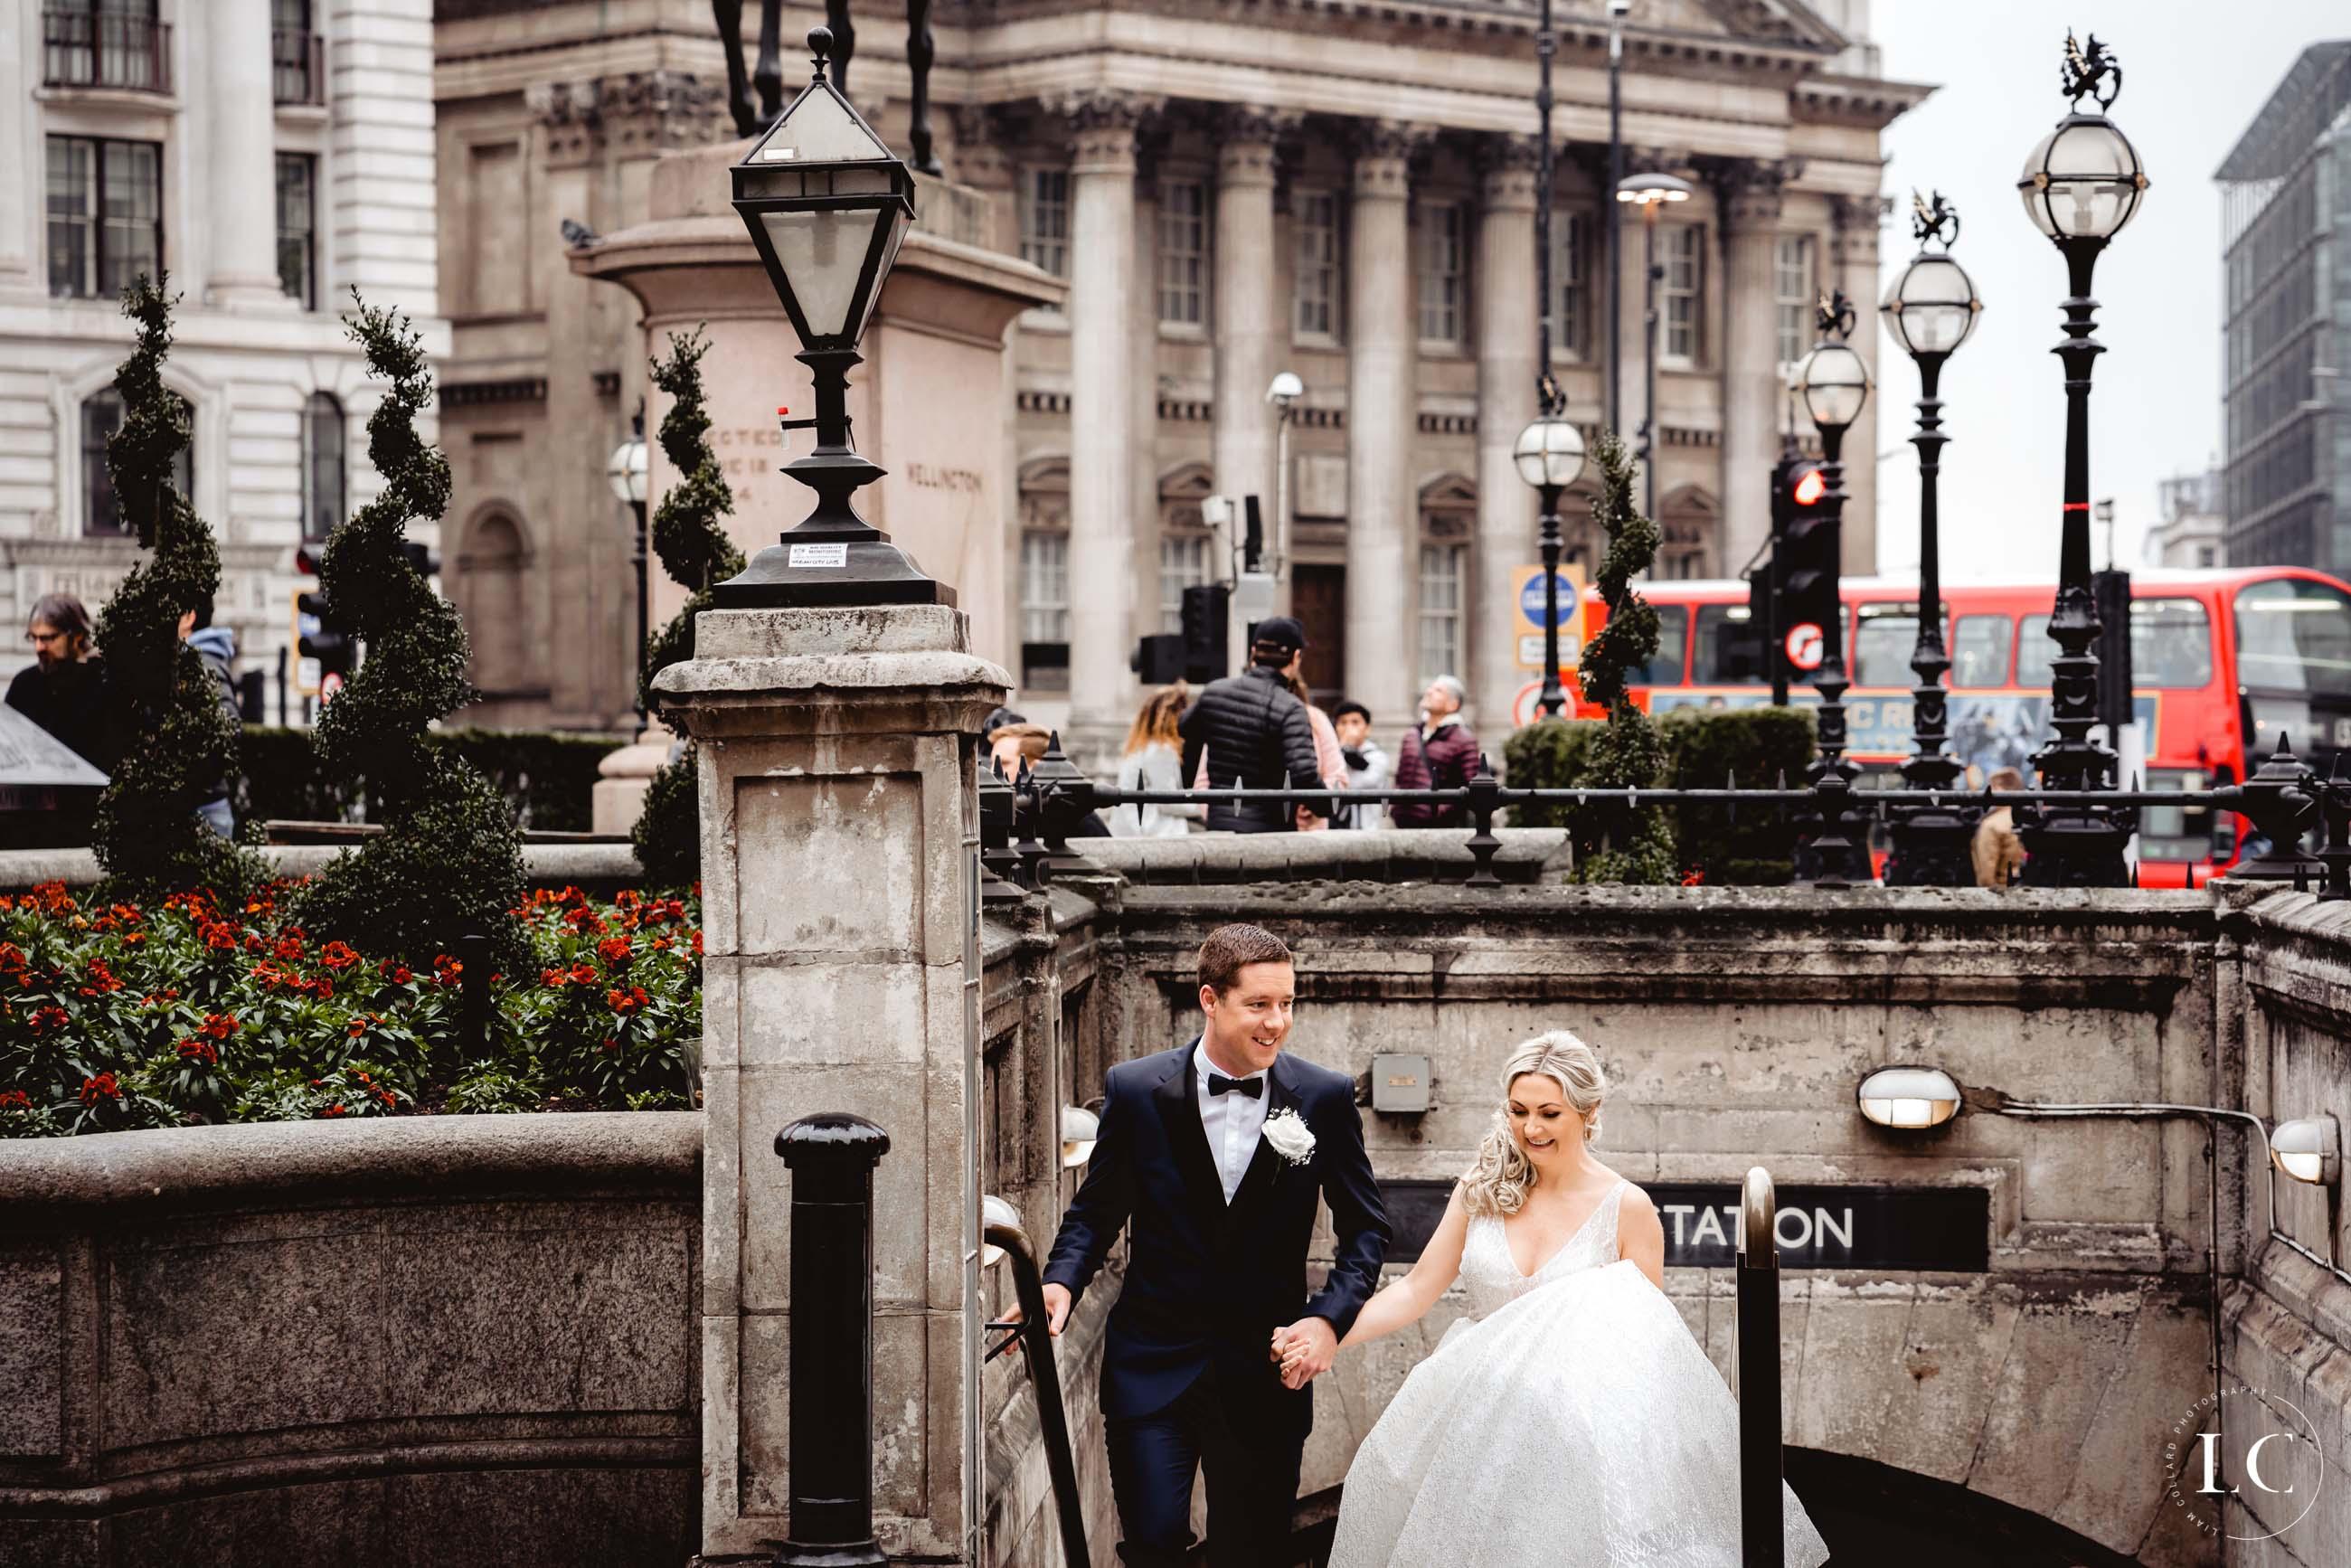 Bride and groom walking in London